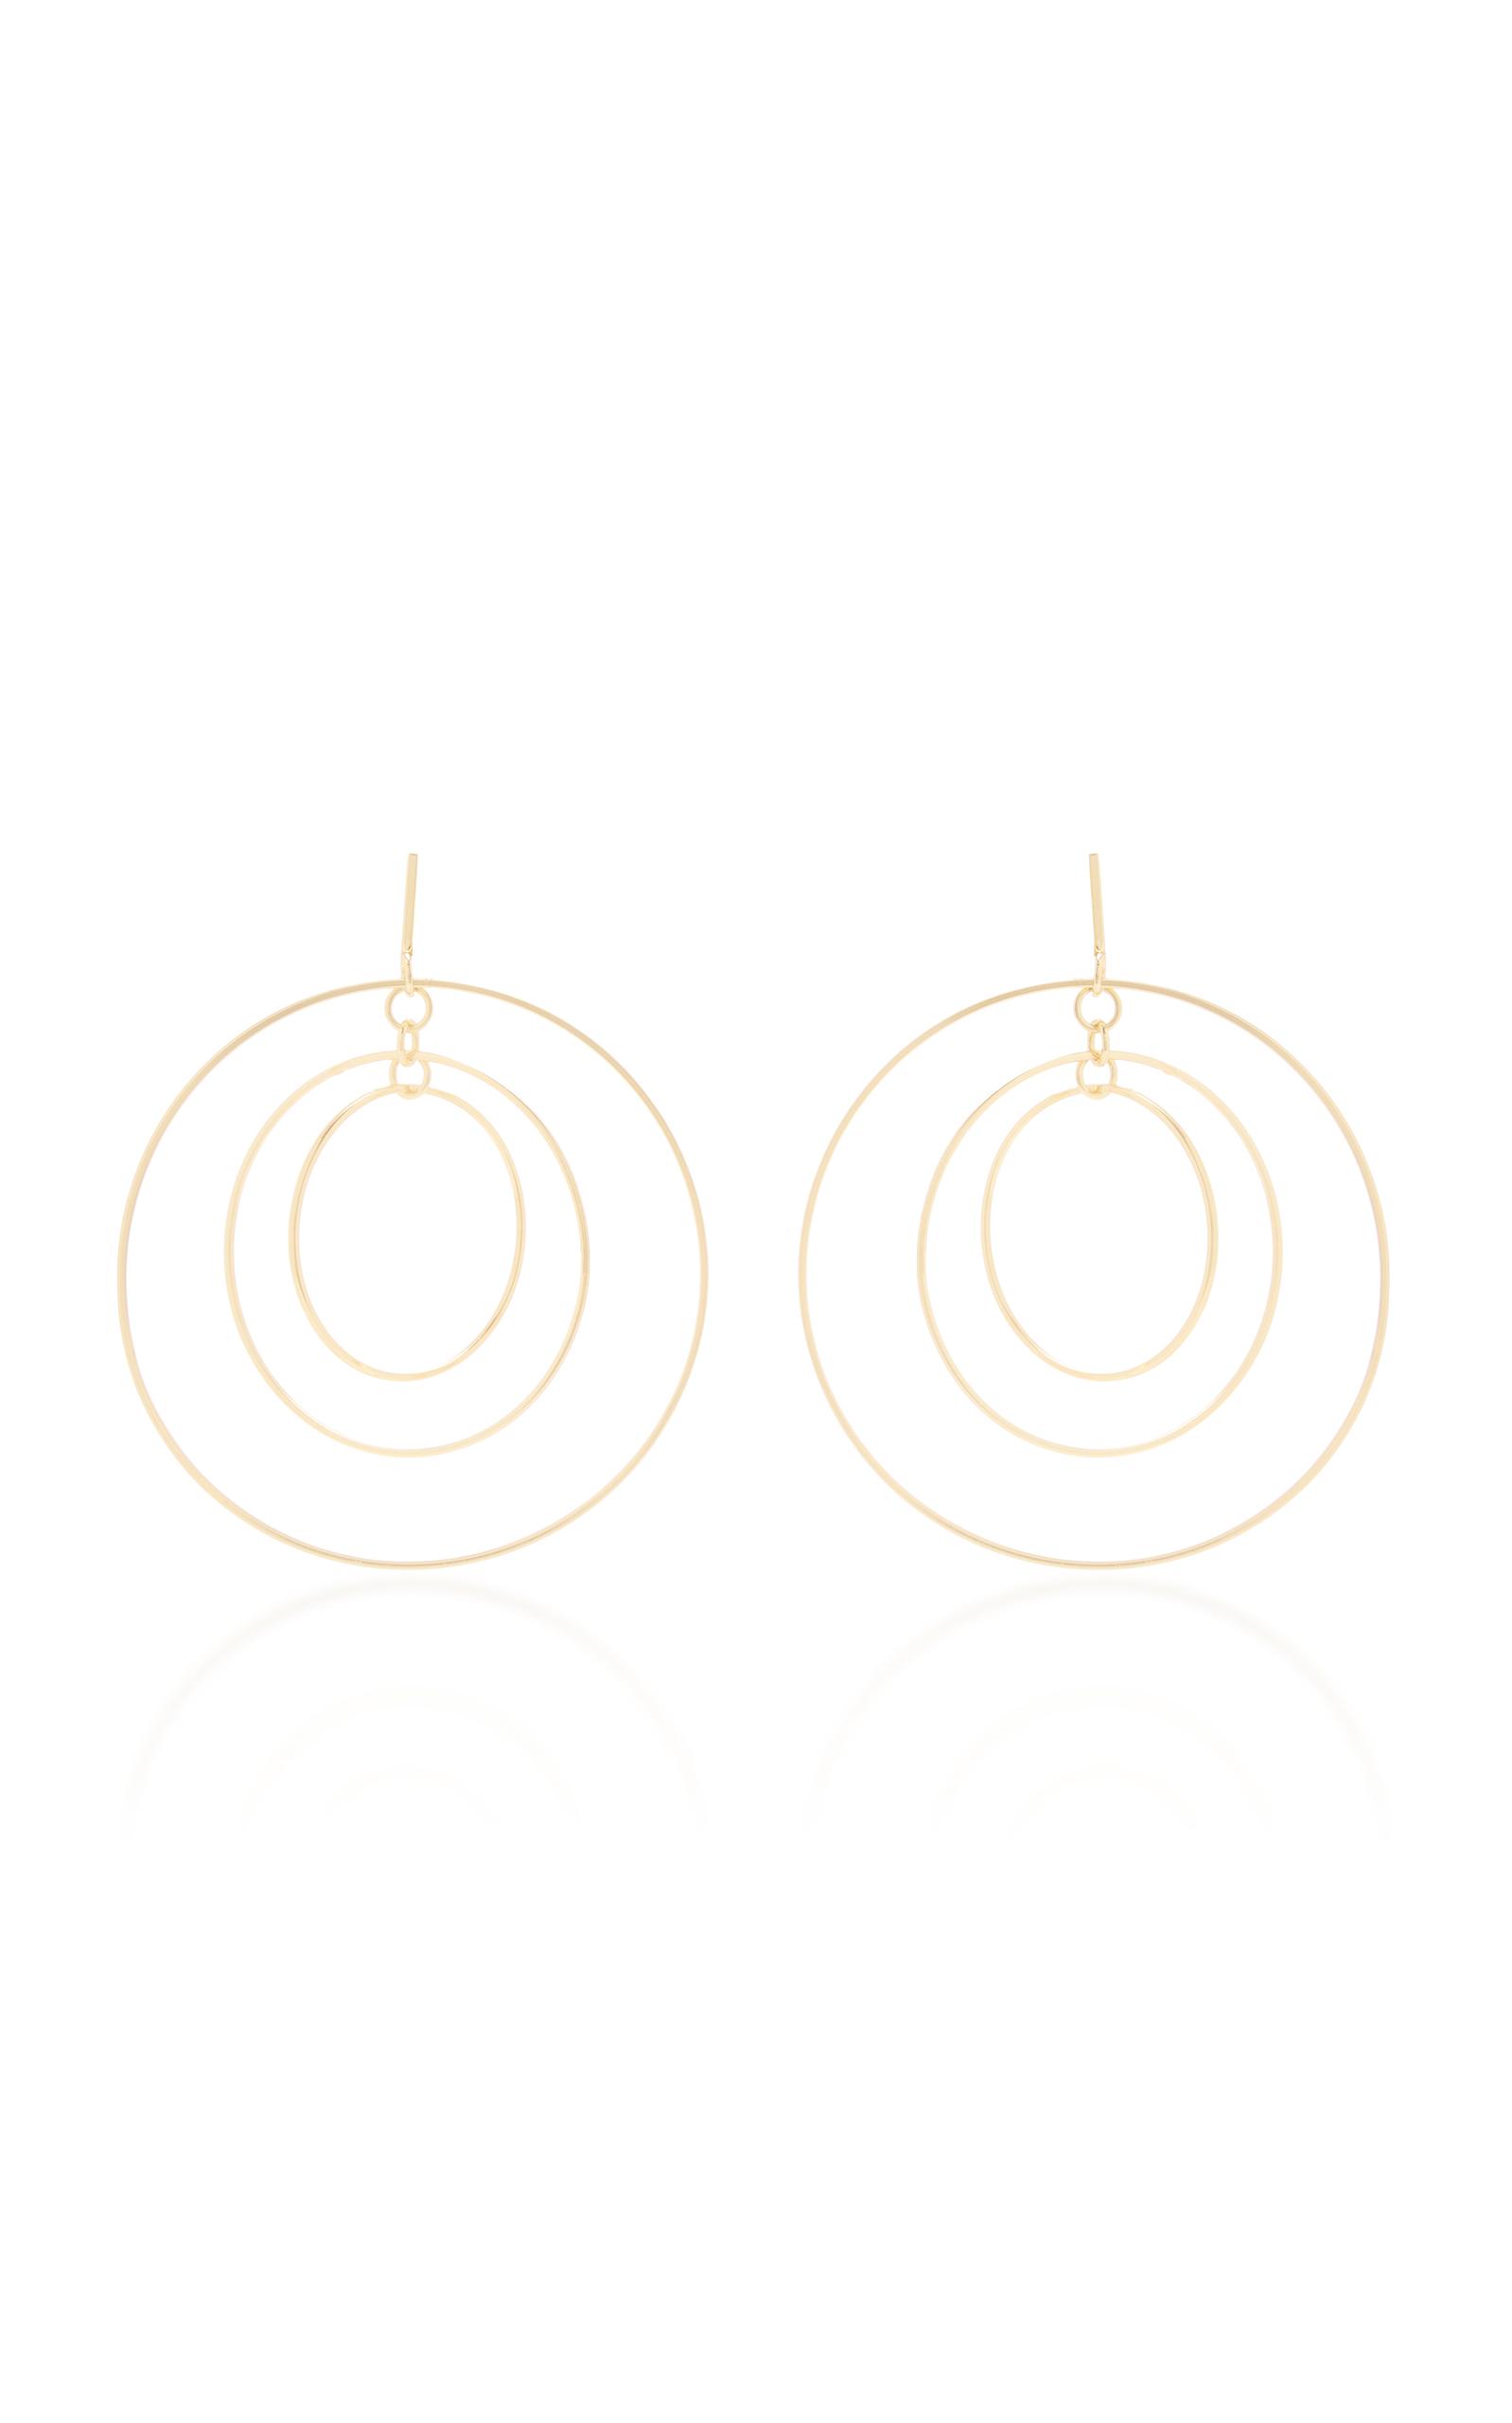 Square Wire Hoop Earring by Tory Burch | Moda Operandi